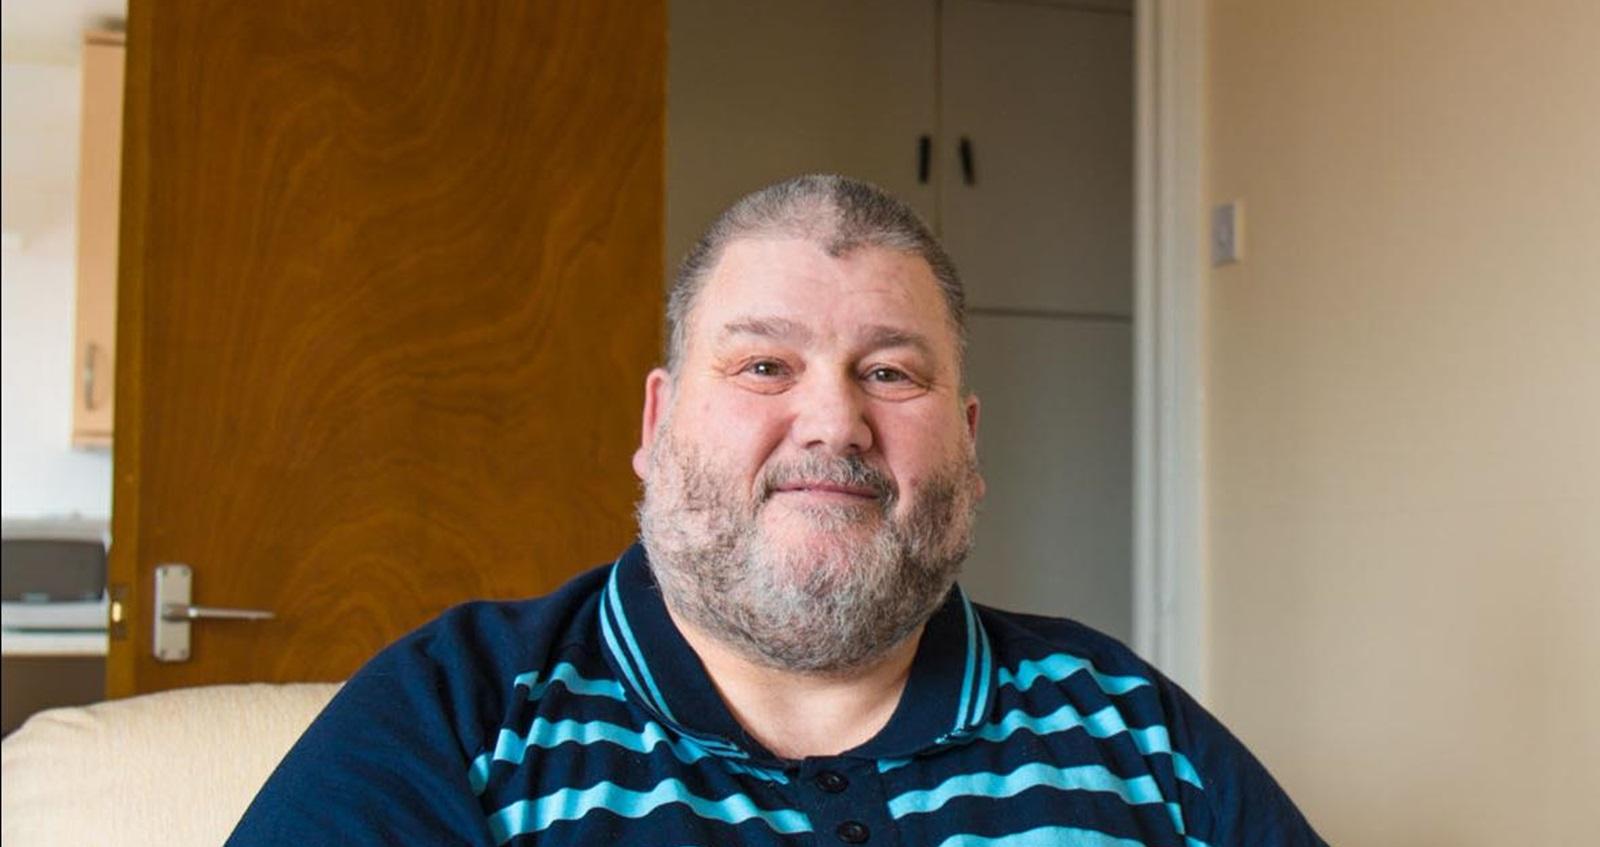 Veteran Gary Bowman